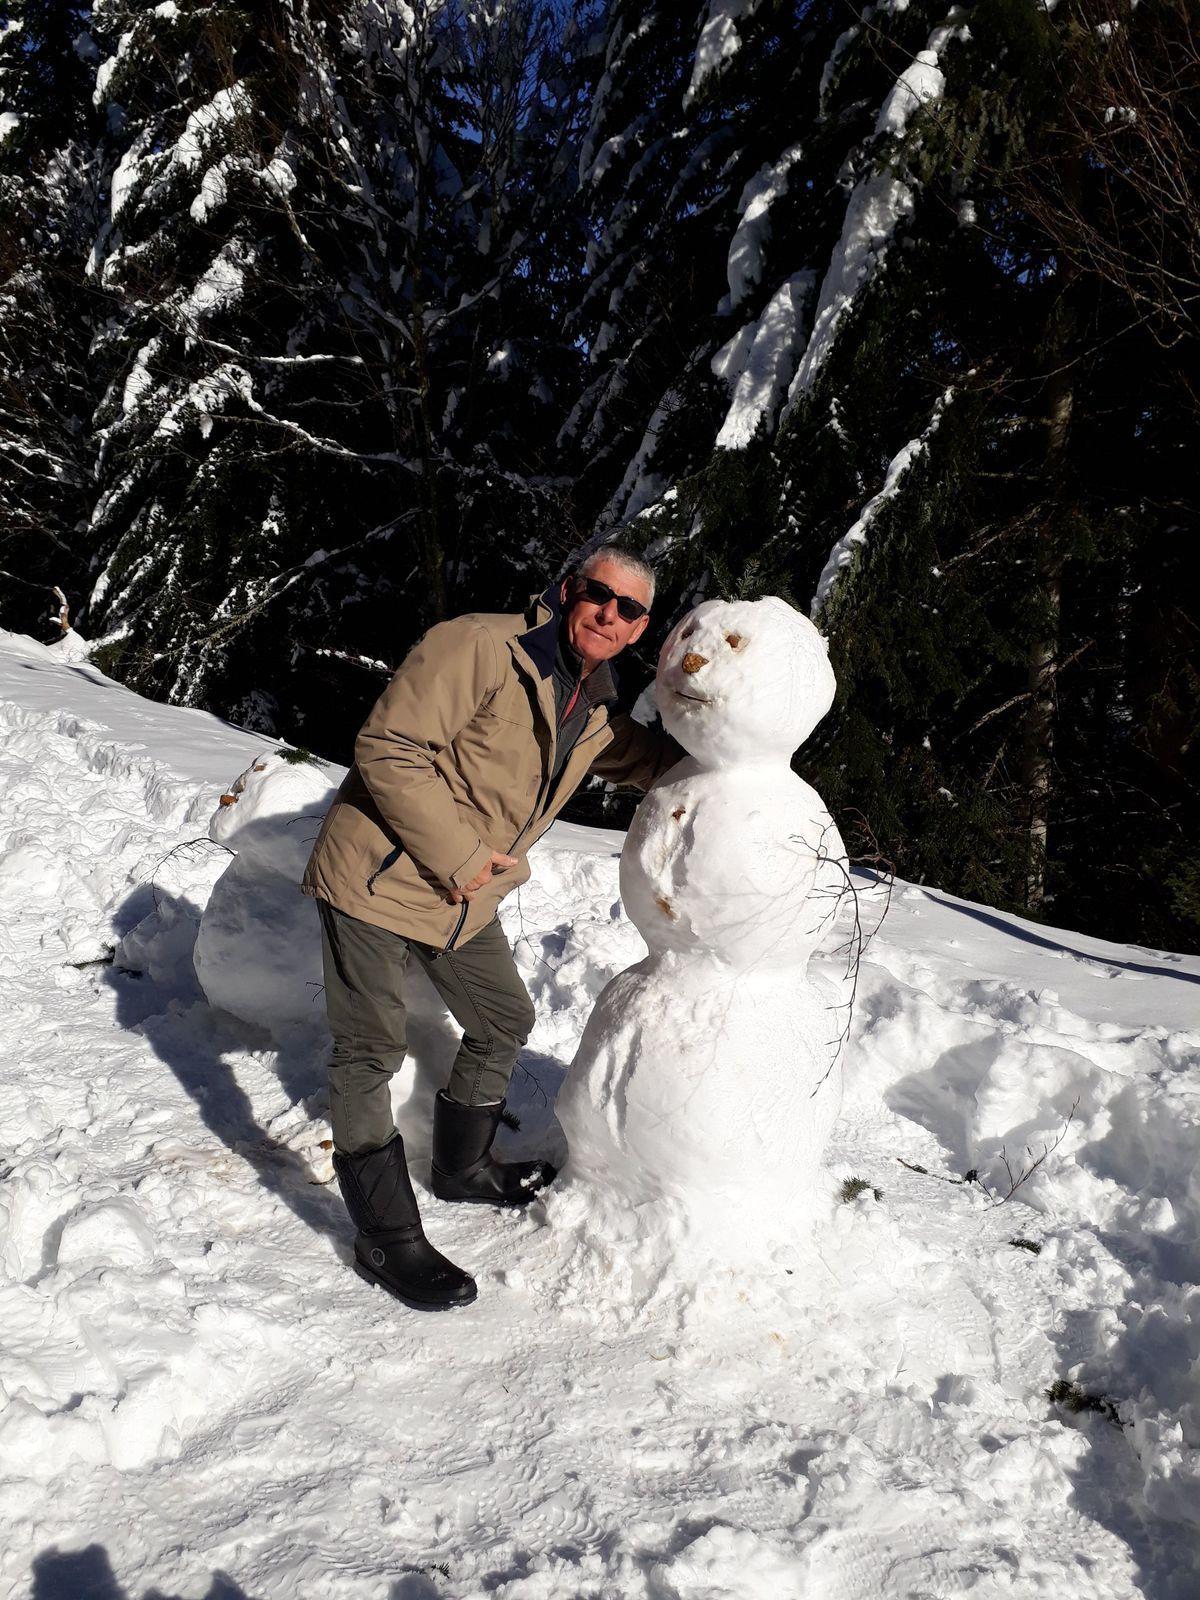 Madonie au ski!